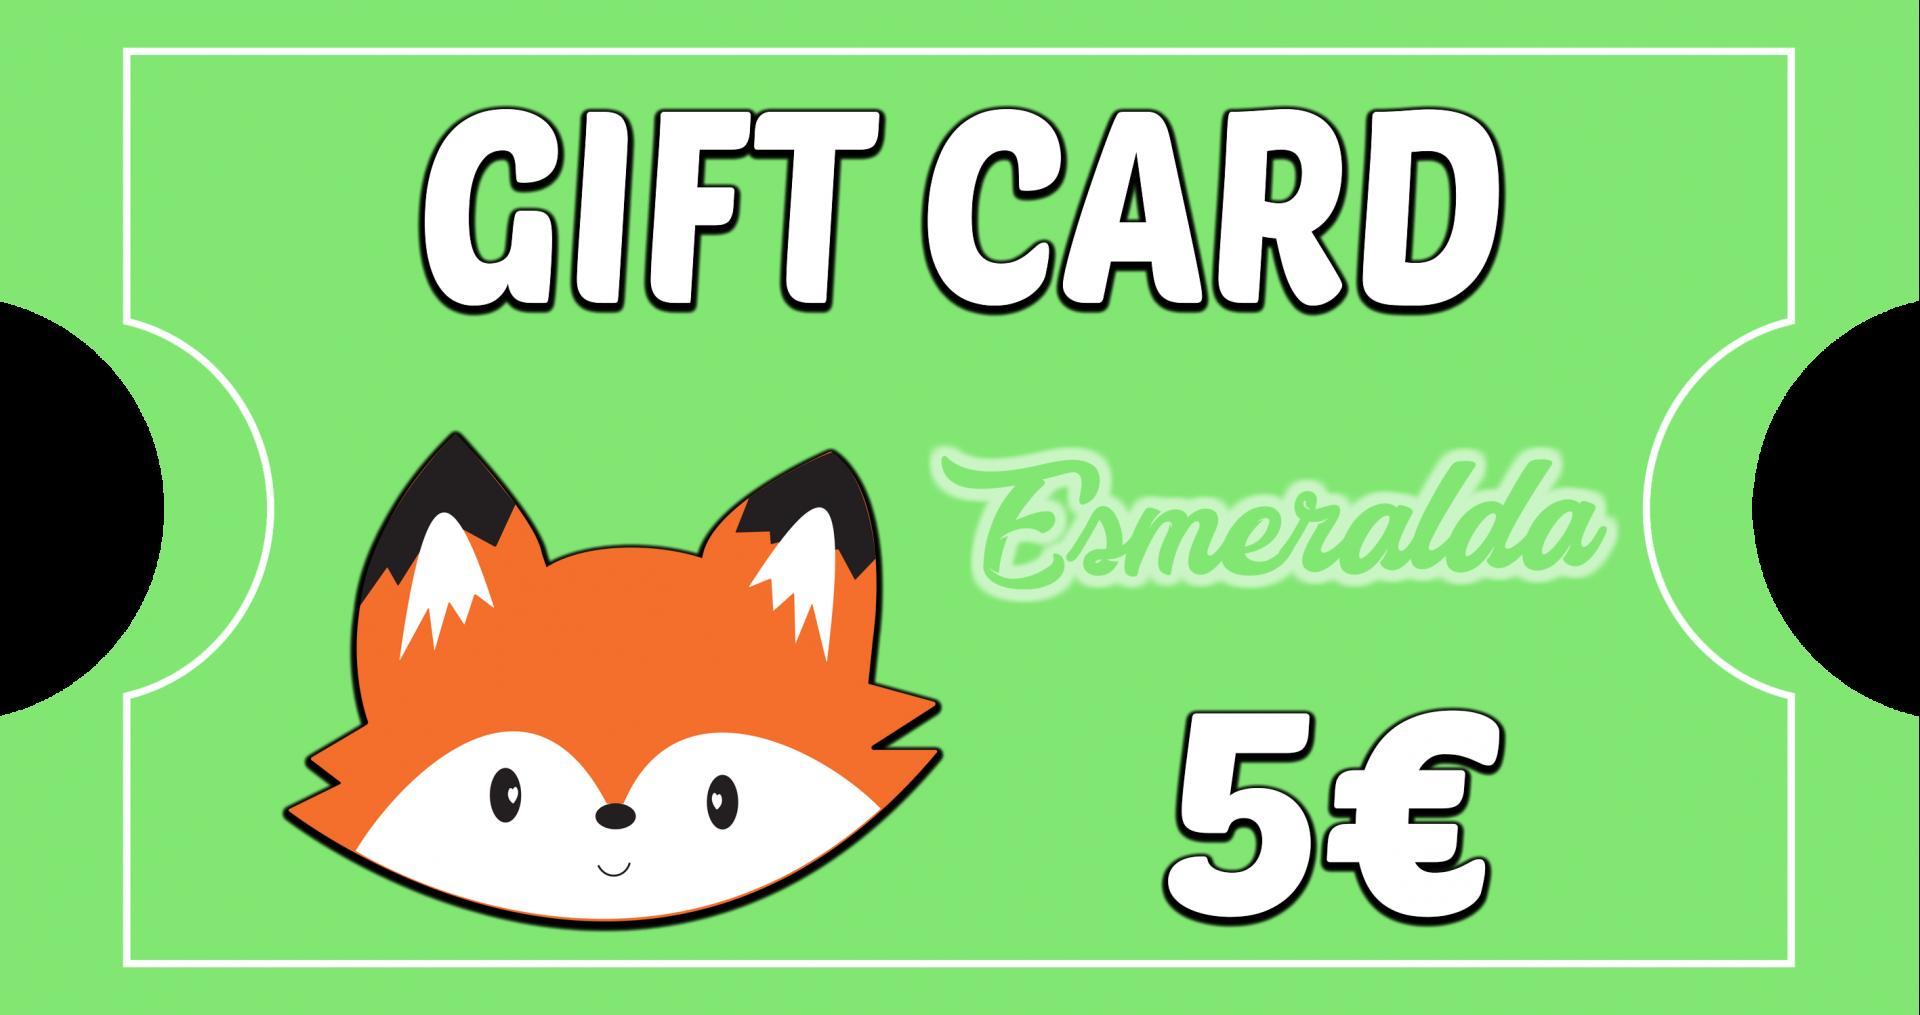 Gift Card Esmeralda - BOSQUE FELIZ